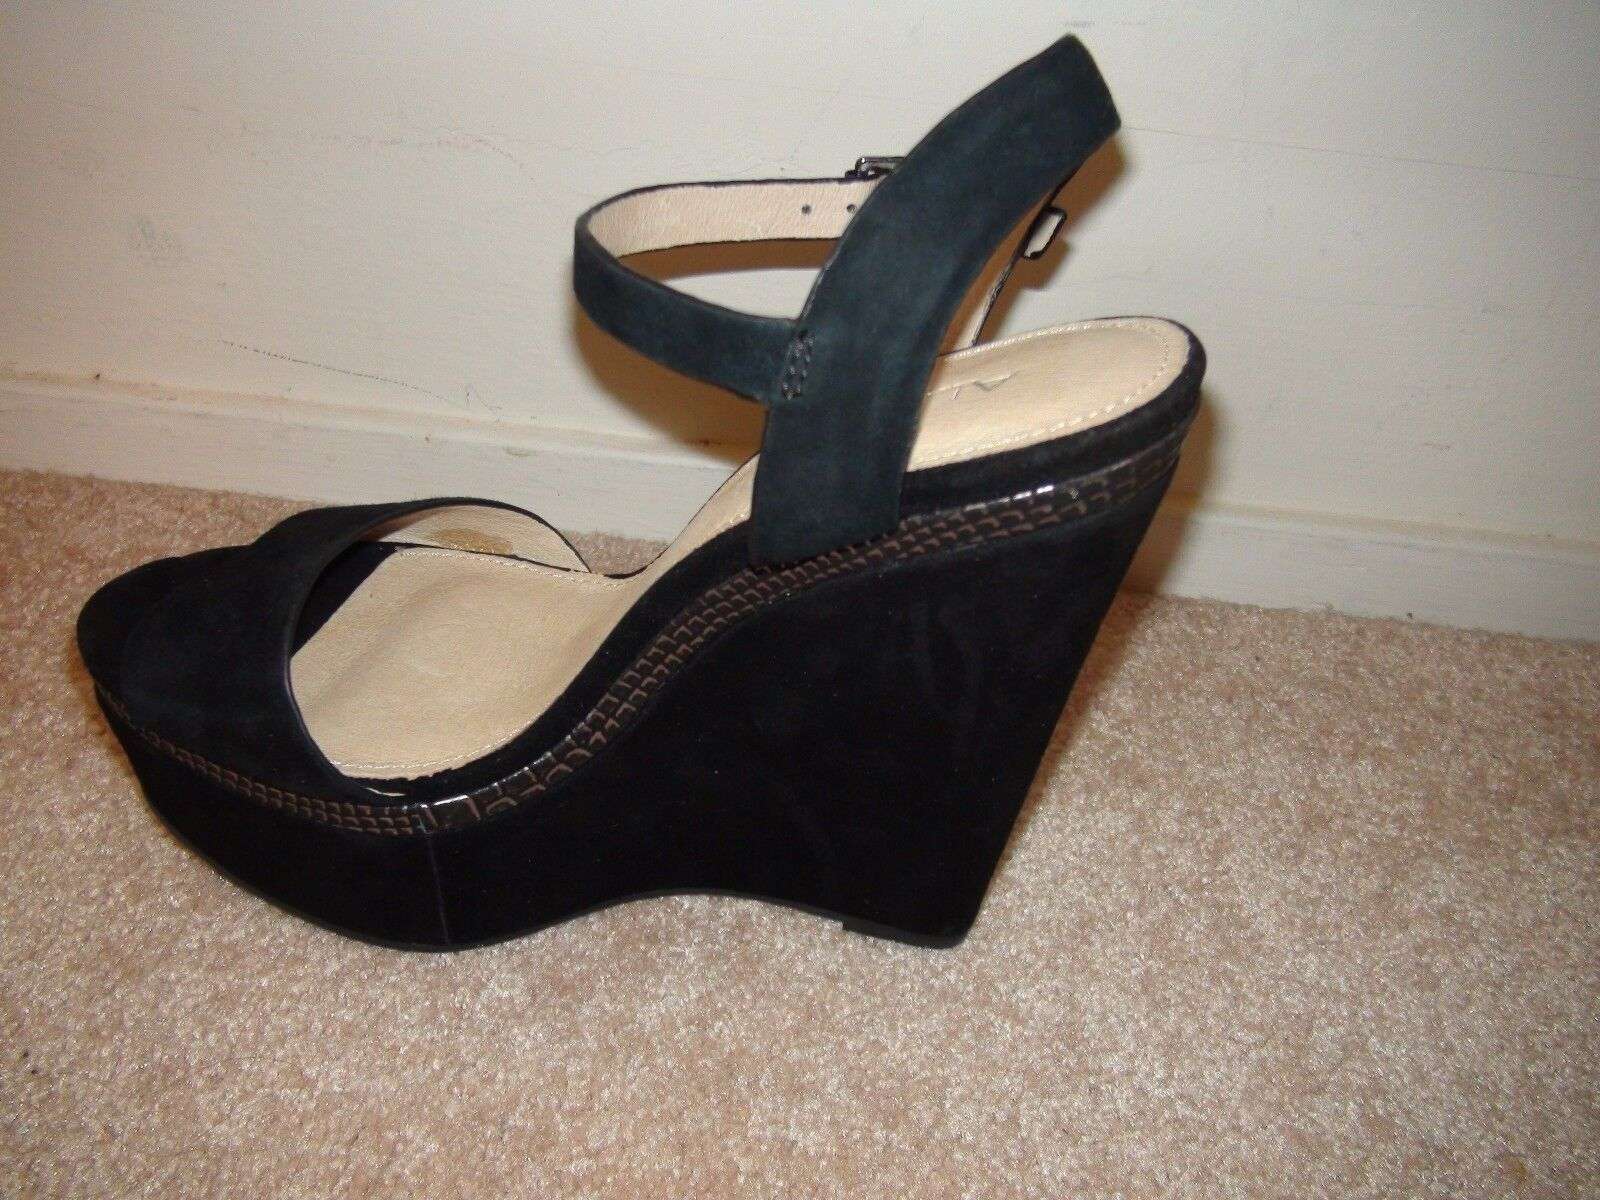 Aldo CYBIL Black Suede Platform Open Toe Sandal New Sz US 9 Women's